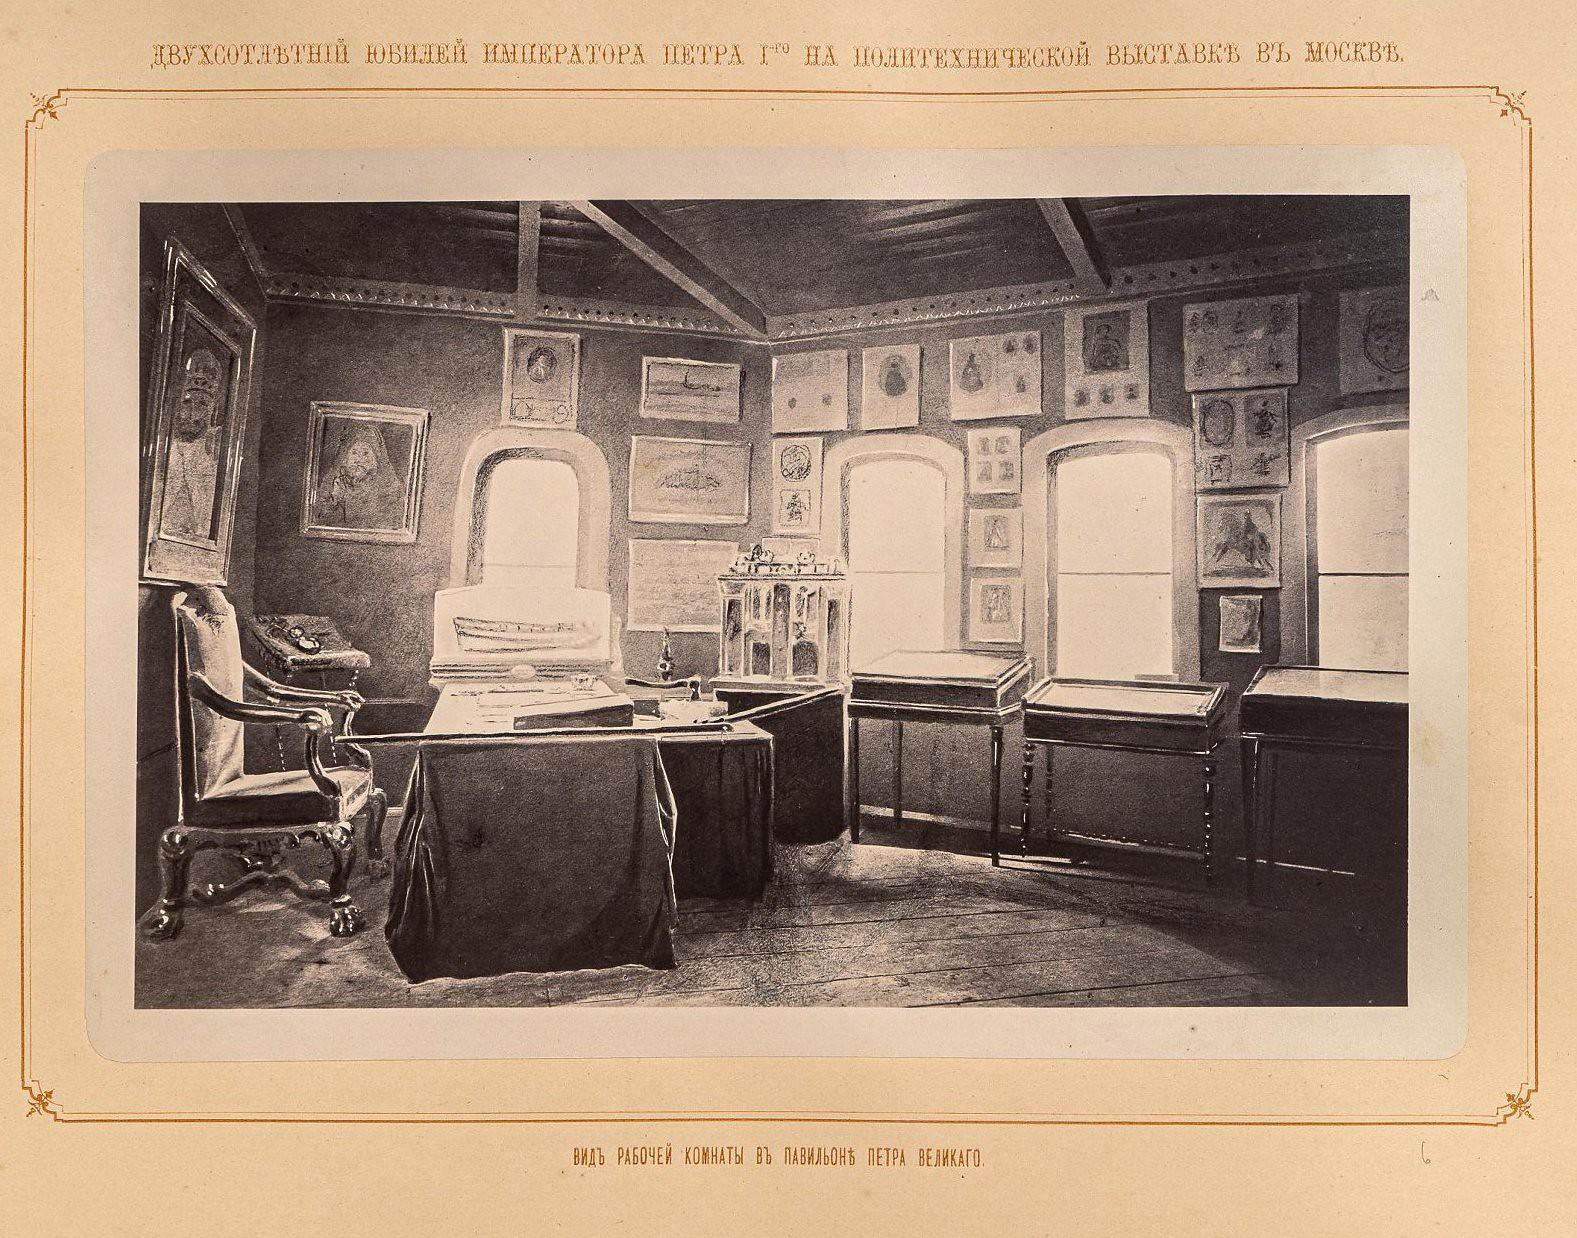 14. Павильон Петра Великого в Кремле (центральная часть Исторического отдела). Вид рабочей комнаты